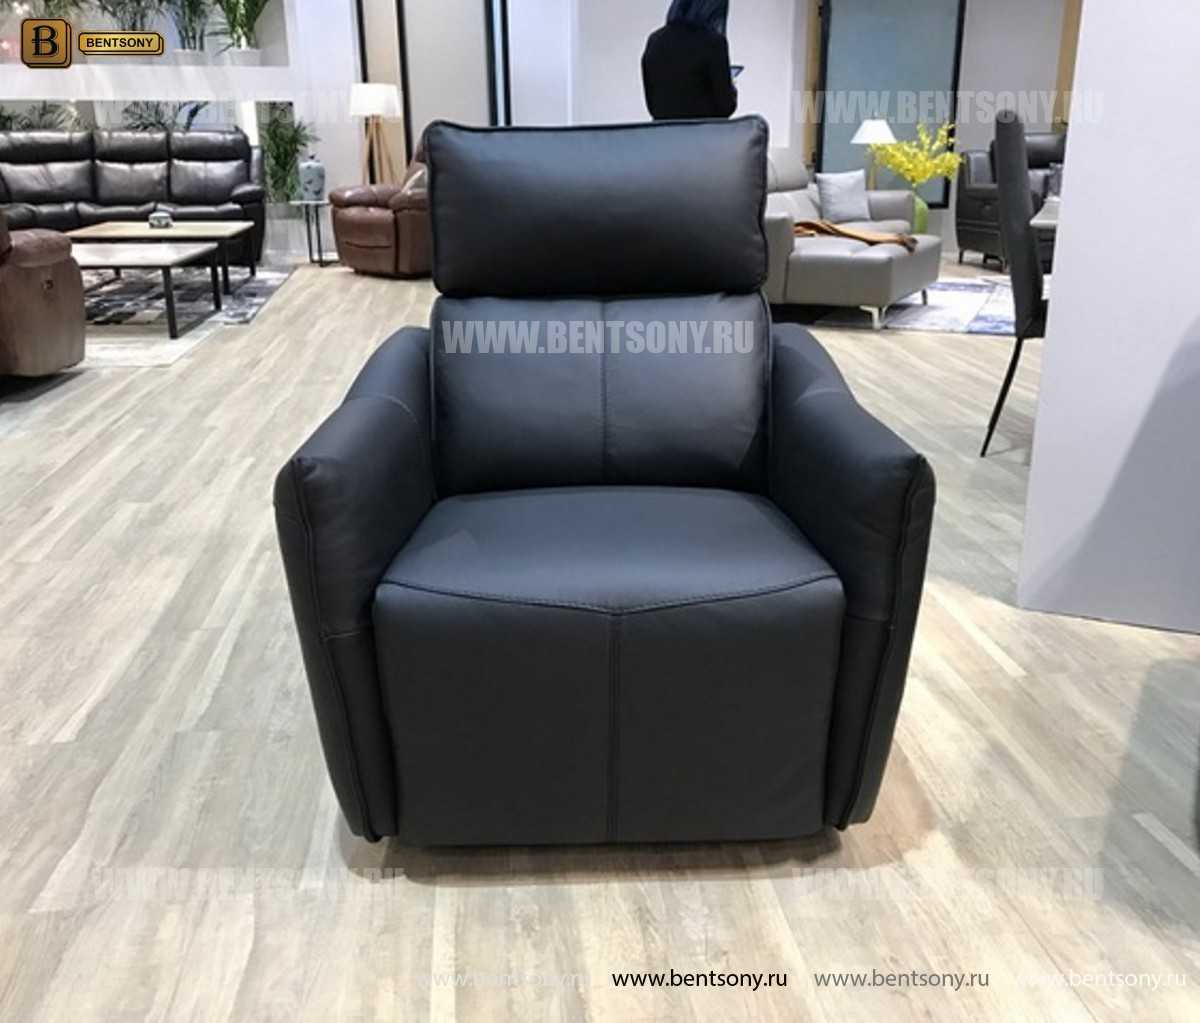 Кресло Порто (Реклайнер, Натуральная кожа) каталог мебели